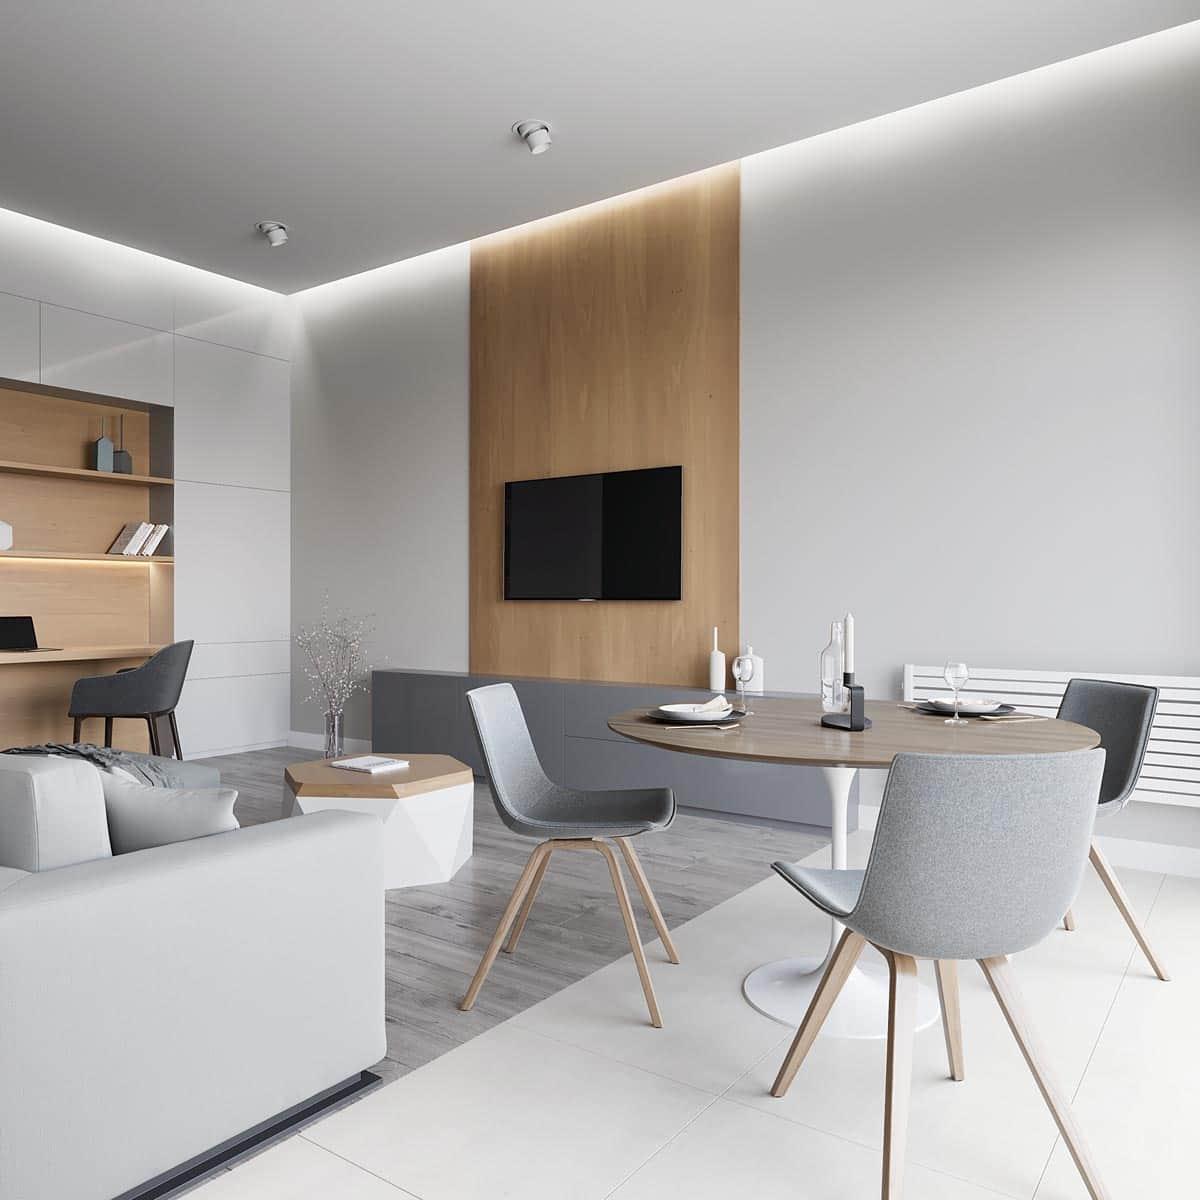 Светлый и лаконичный интерьер гостиной в скандинавском стиле